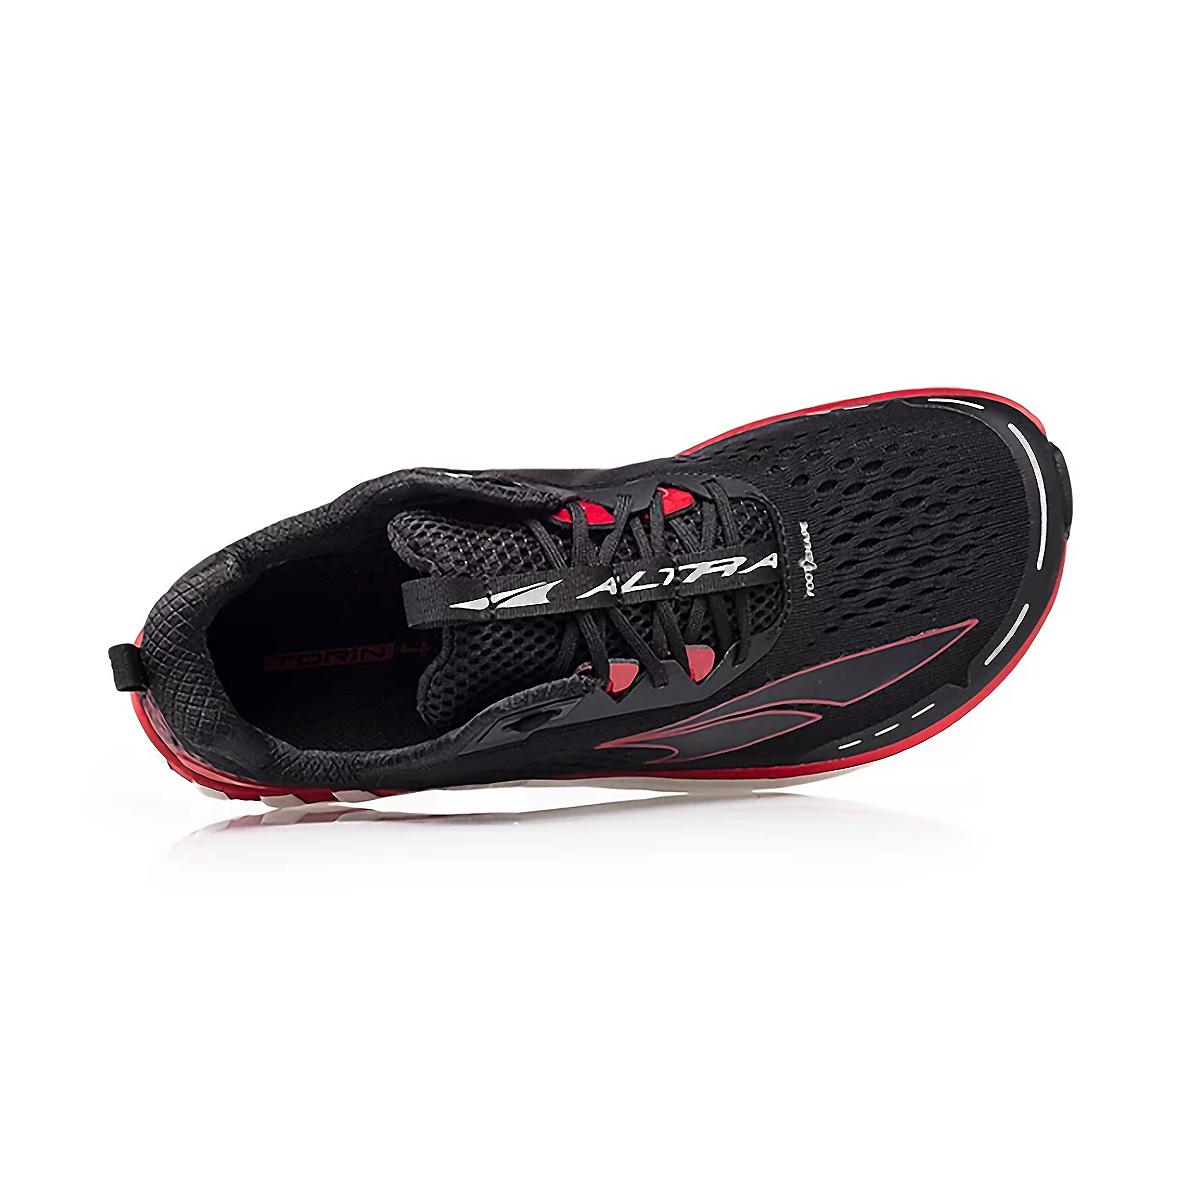 Men's Altra Torin 4 Running Shoe - Color: Black/Red - Size: 7 - Width: Regular, Black/Red, large, image 2